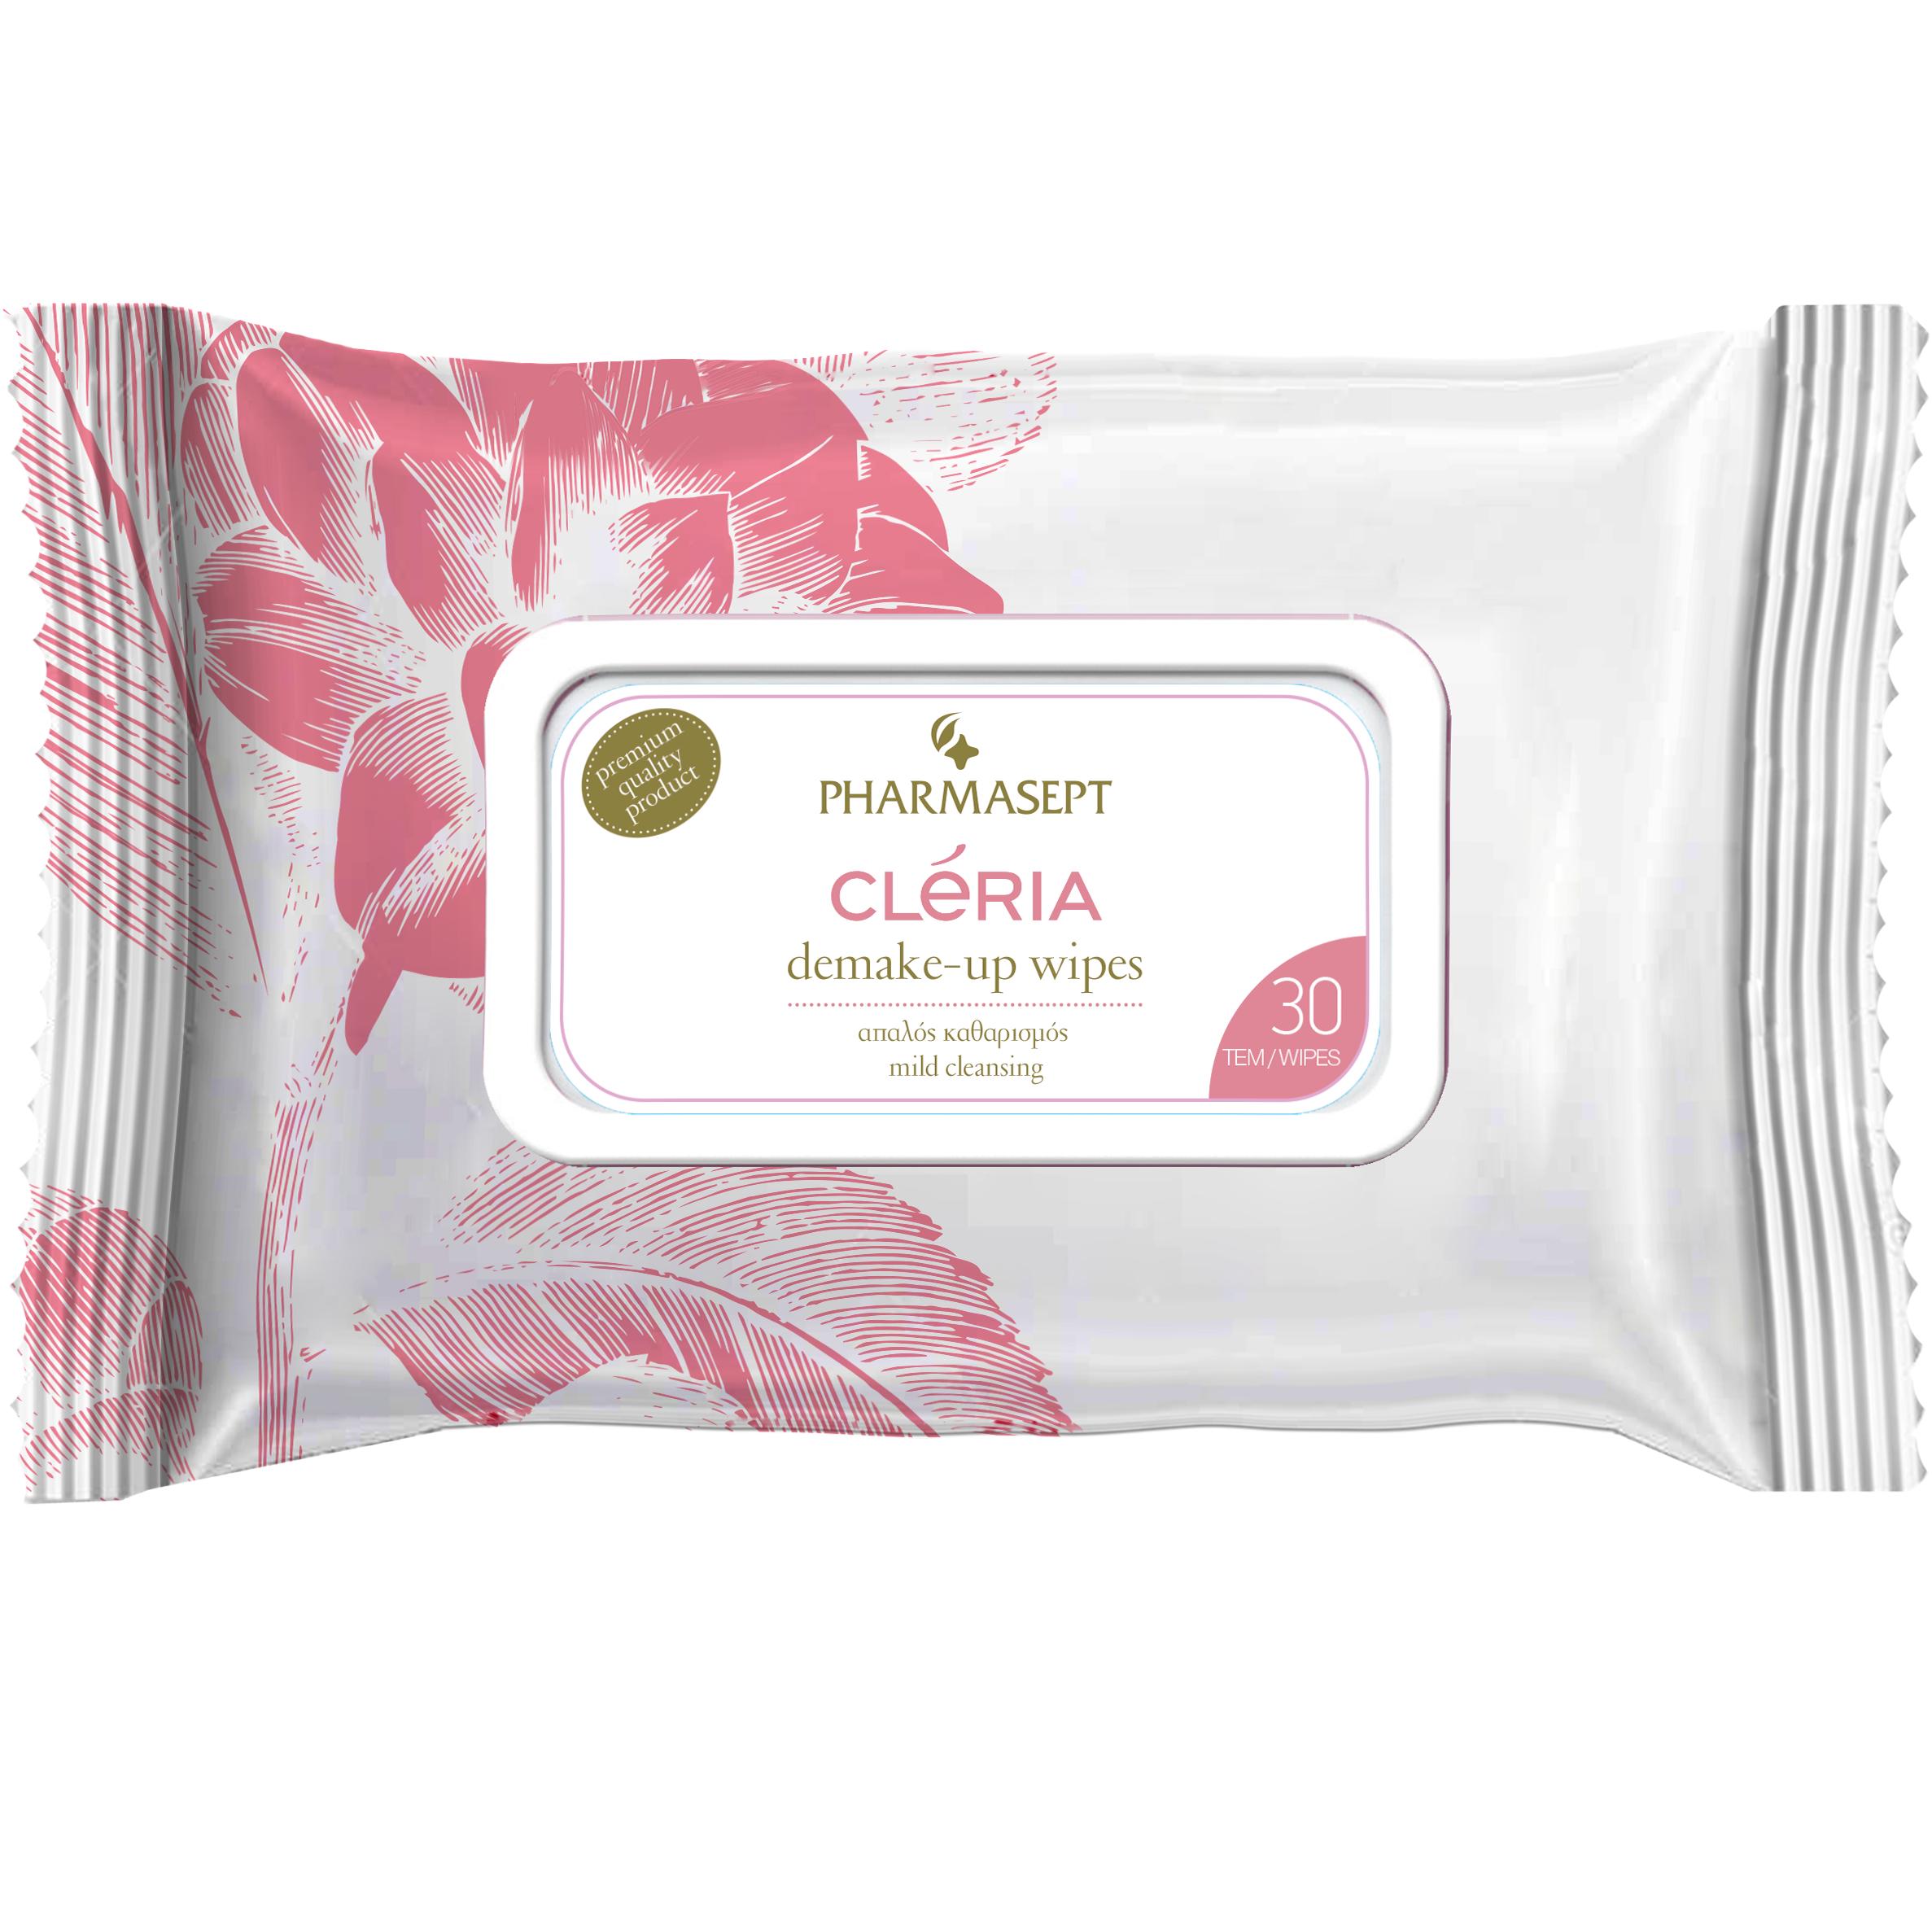 Pharmasept Cleria Demake – Up Wipes Πρακτικά Υγρά Μαντηλάκια Ντεμακιγιάζ Προσώπου & Ματιών 30τεμάχια